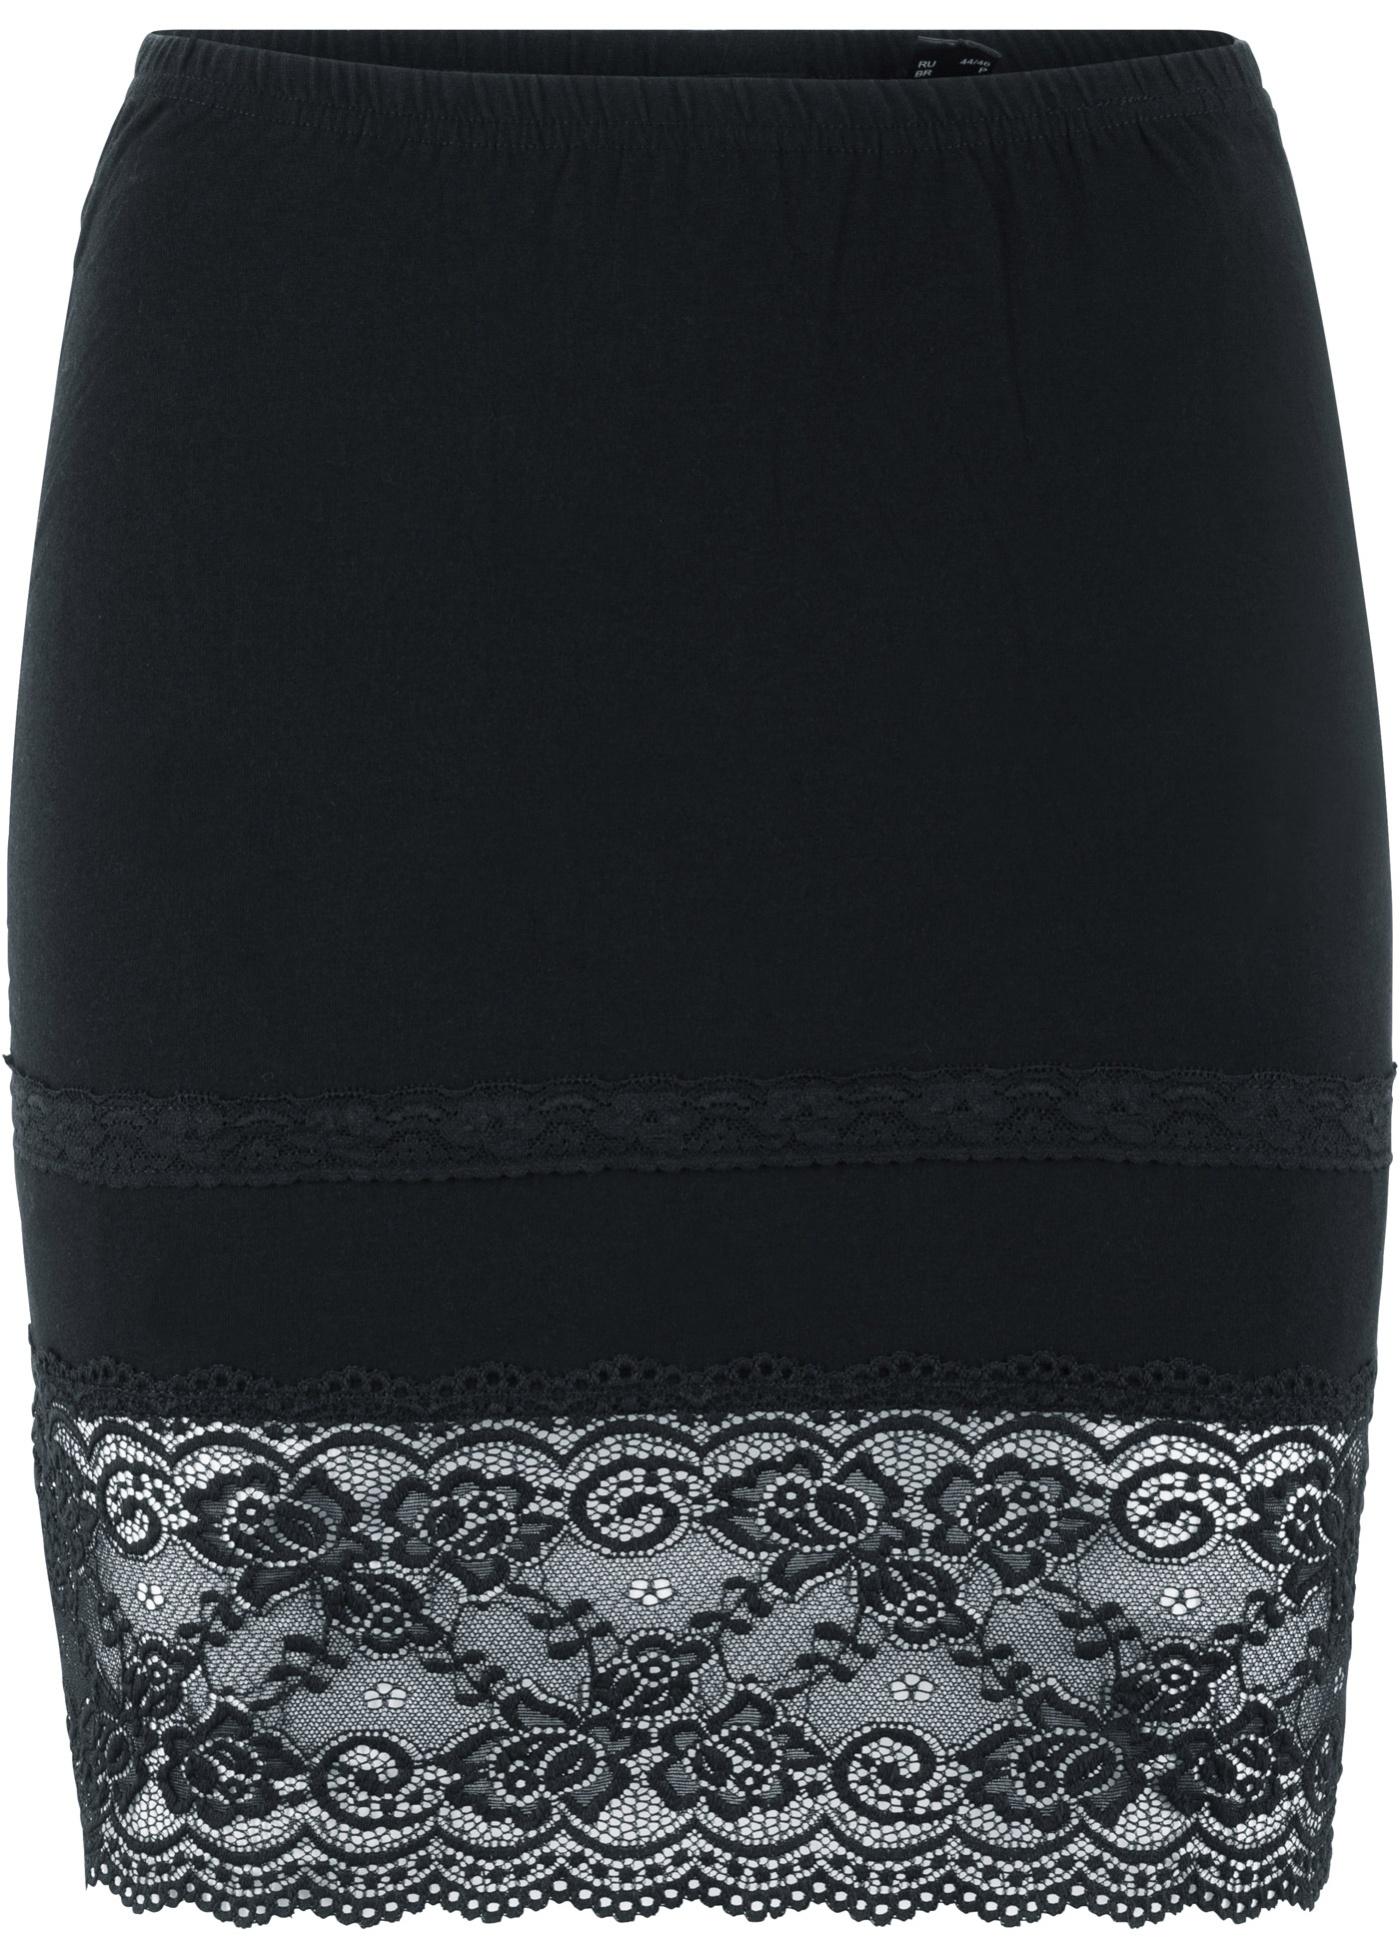 Bpc Manches Pour Bonprix Femme shirt De Sans CollectionExtension À Dentelle Noir T T3F1JcKl